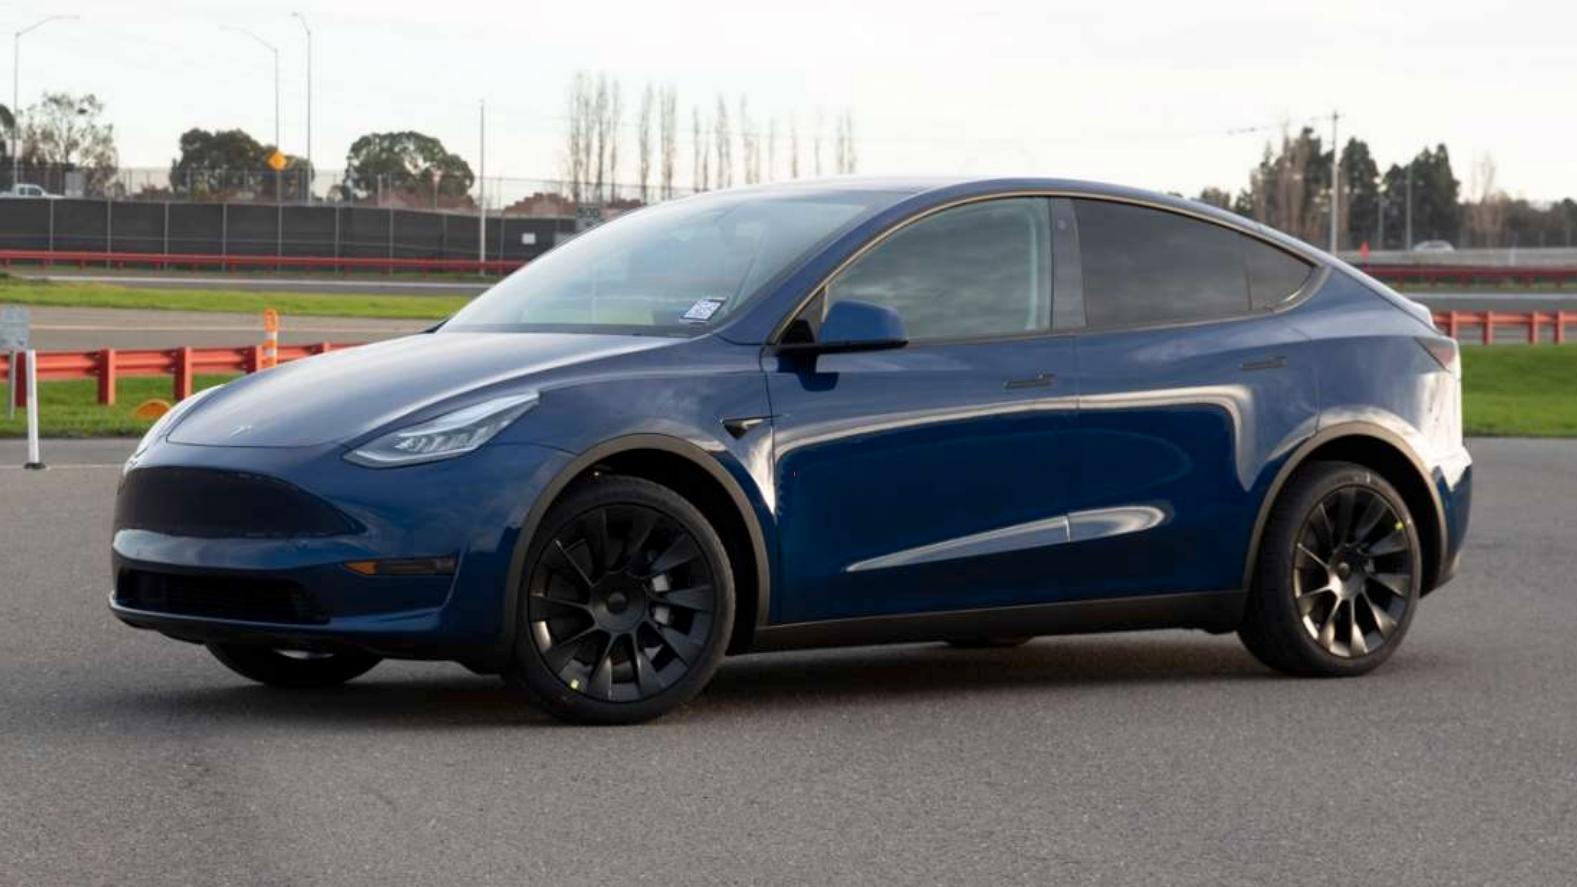 De første Model Y-bilene vil tilsynelatende leveres til amerikanske kunder i andre halvdel av mars. Dette bildet slapp Tesla i starten av februar, og var det første «offisielle» bildet av produksjonsversjonen av bilen.